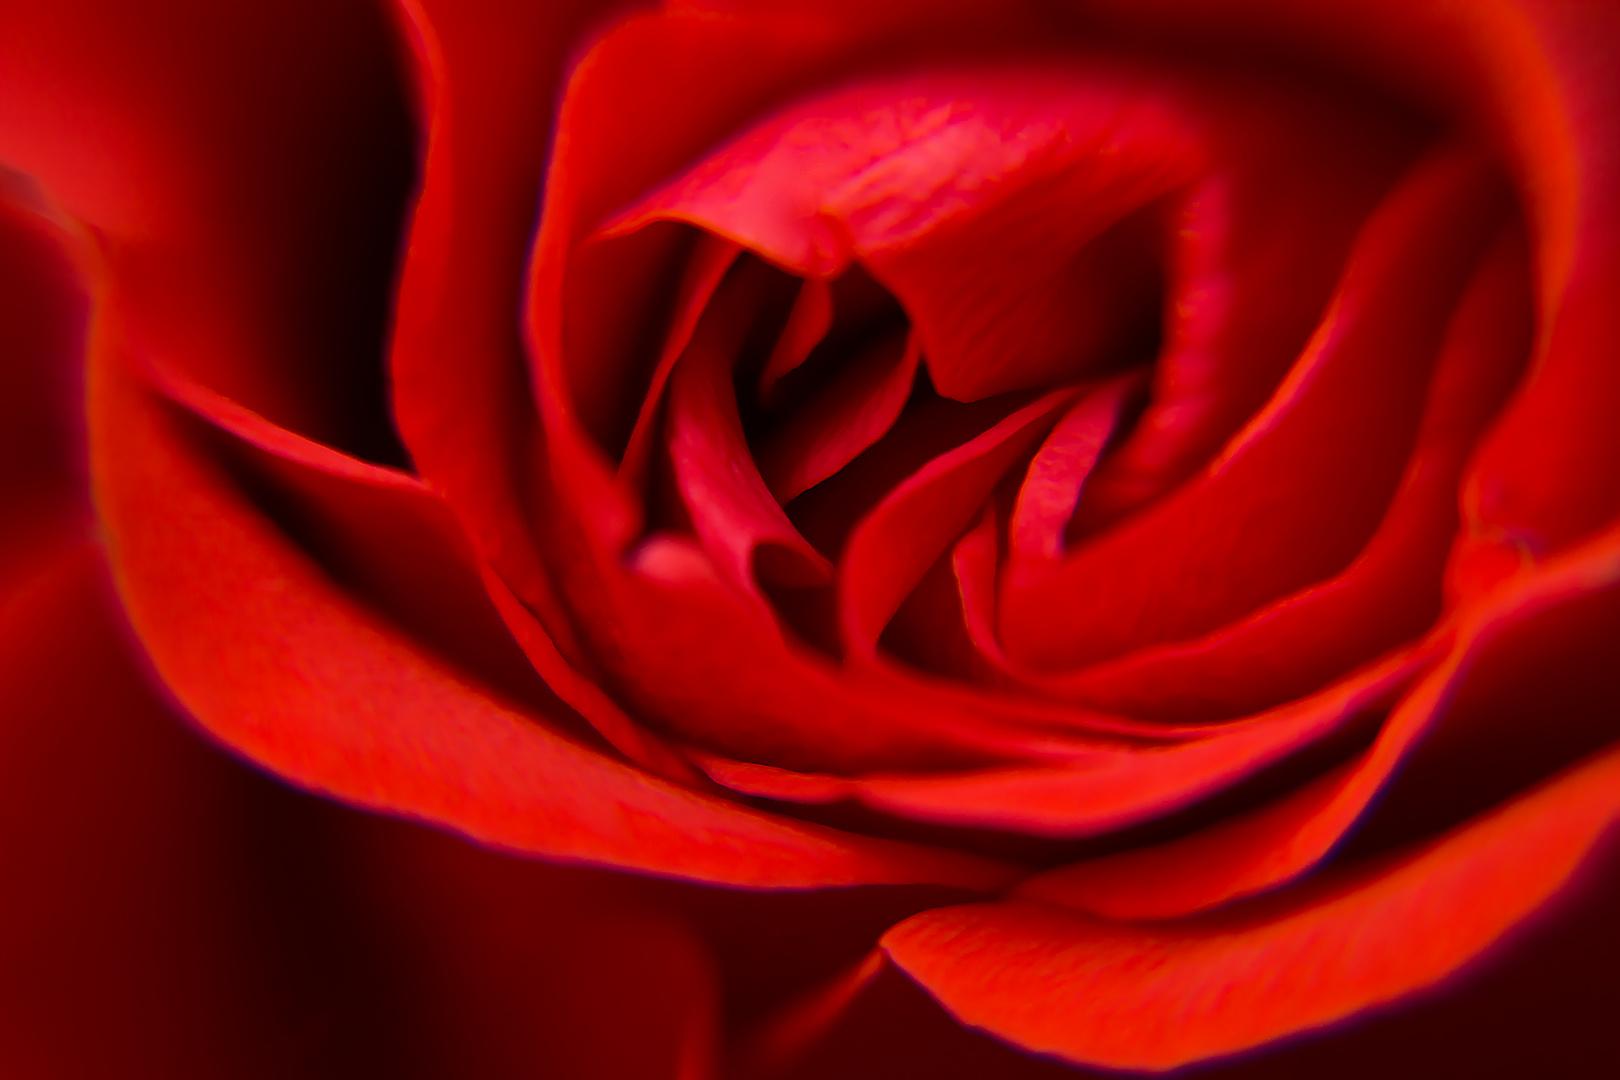 Rosen - Blume der Liebe